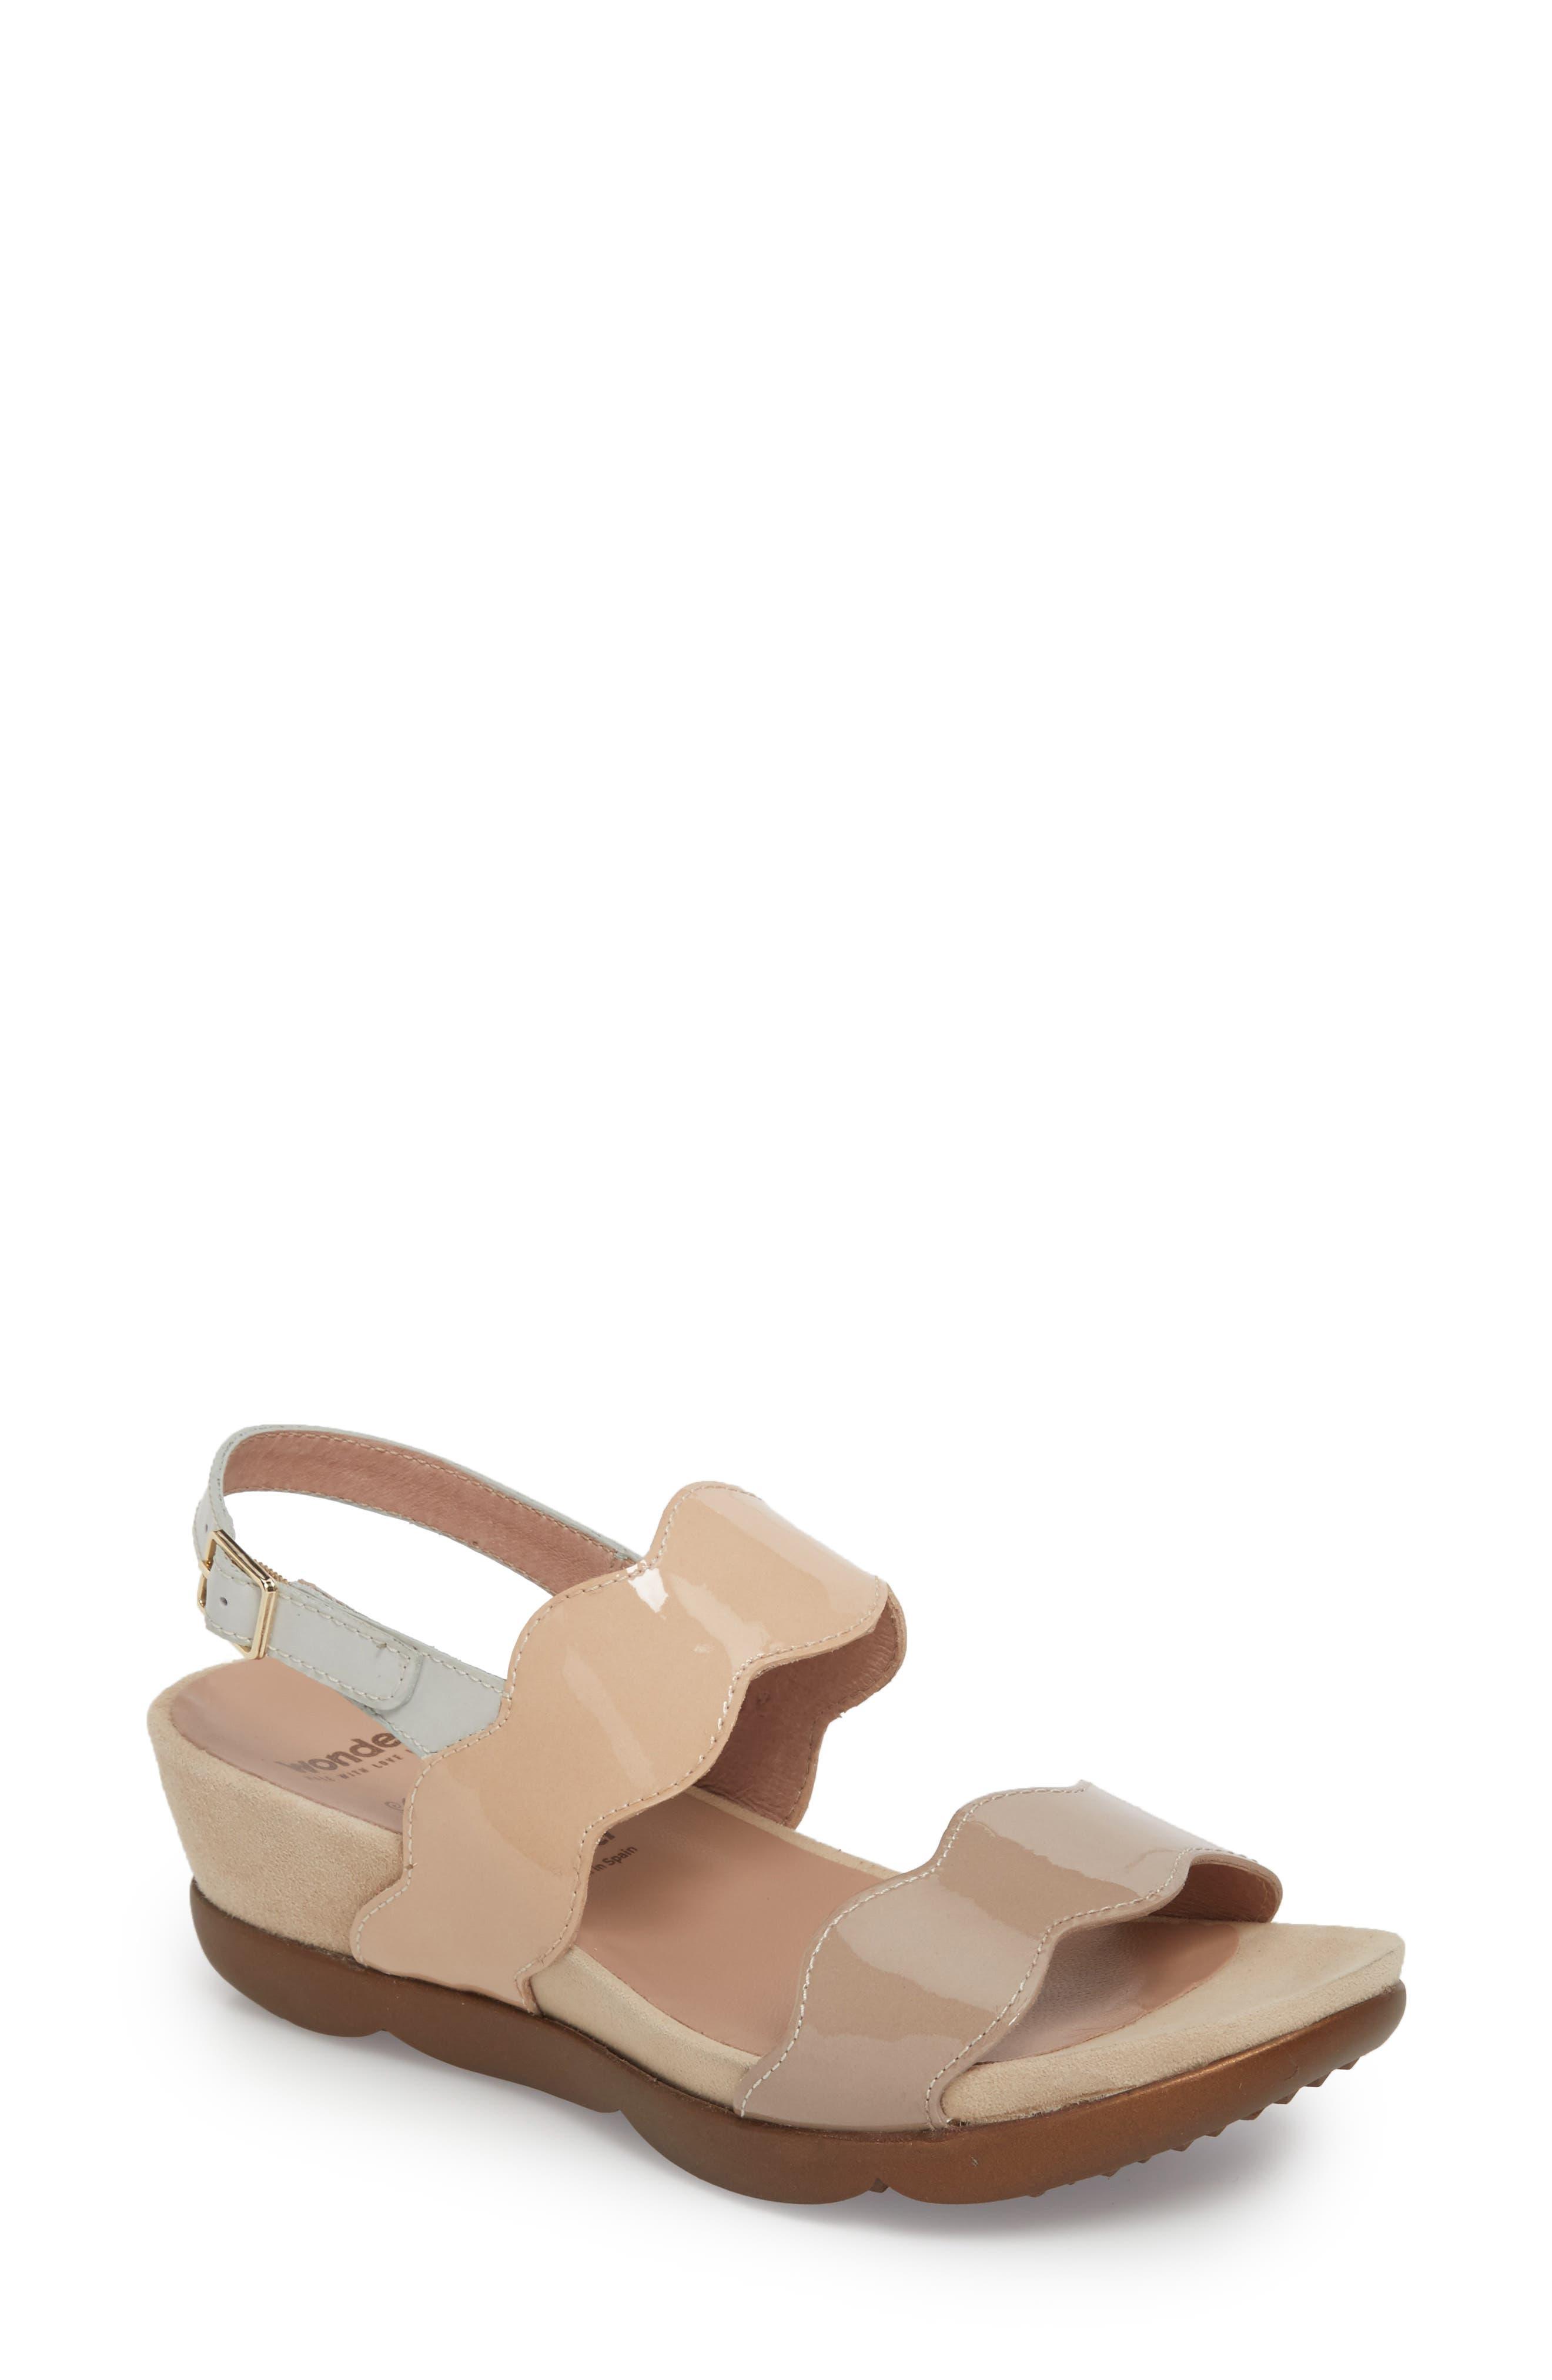 Wonders Wedge Sandal, Beige